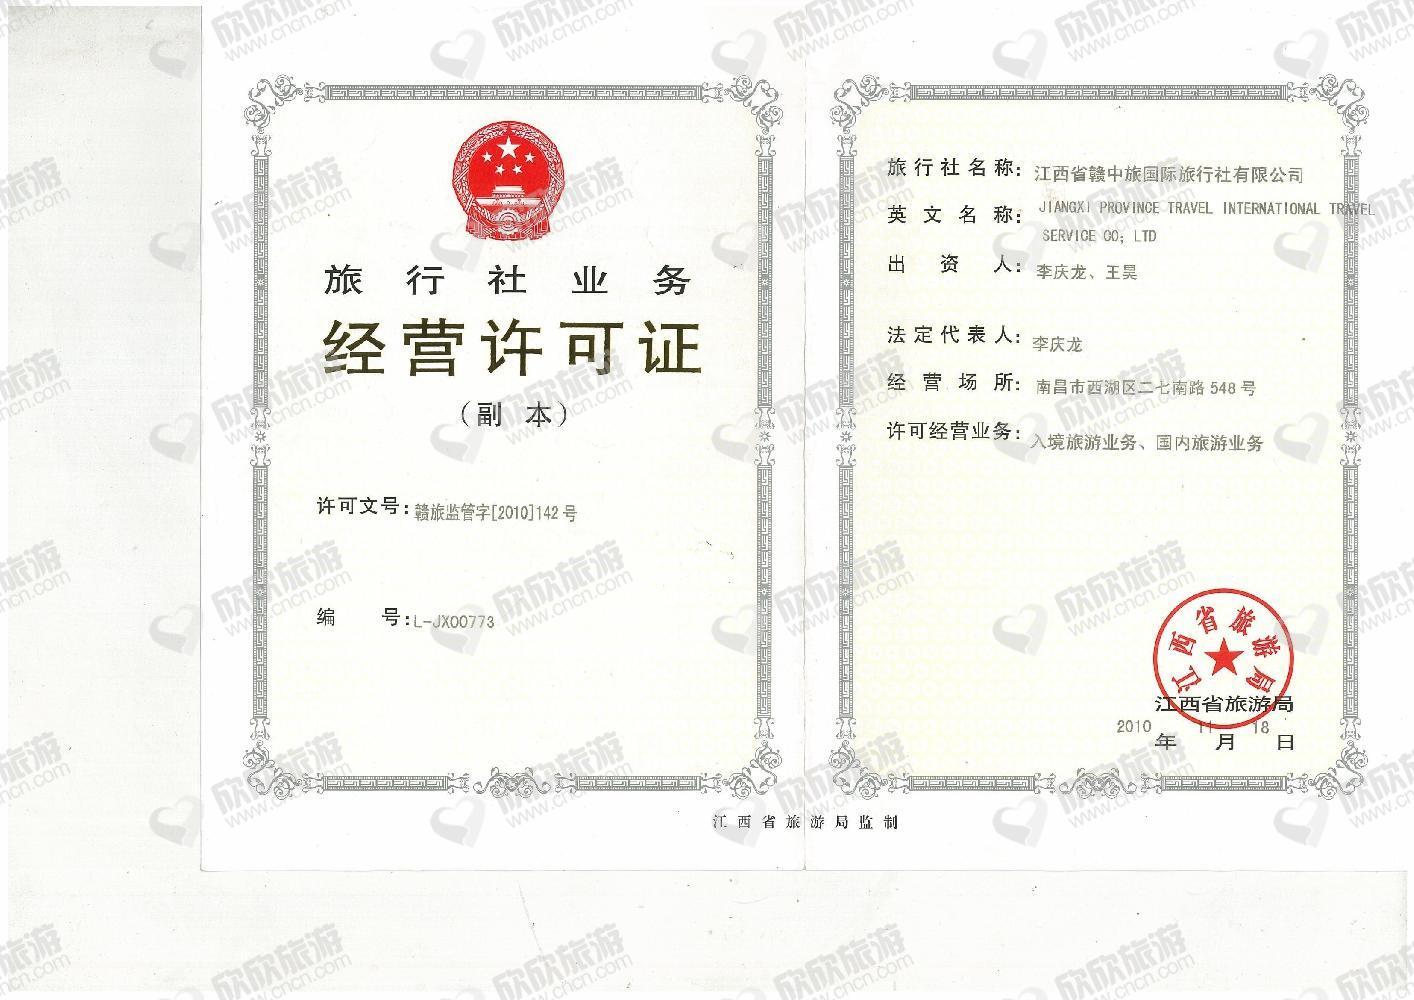 江西省赣中旅国际旅行社有限公司经营许可证